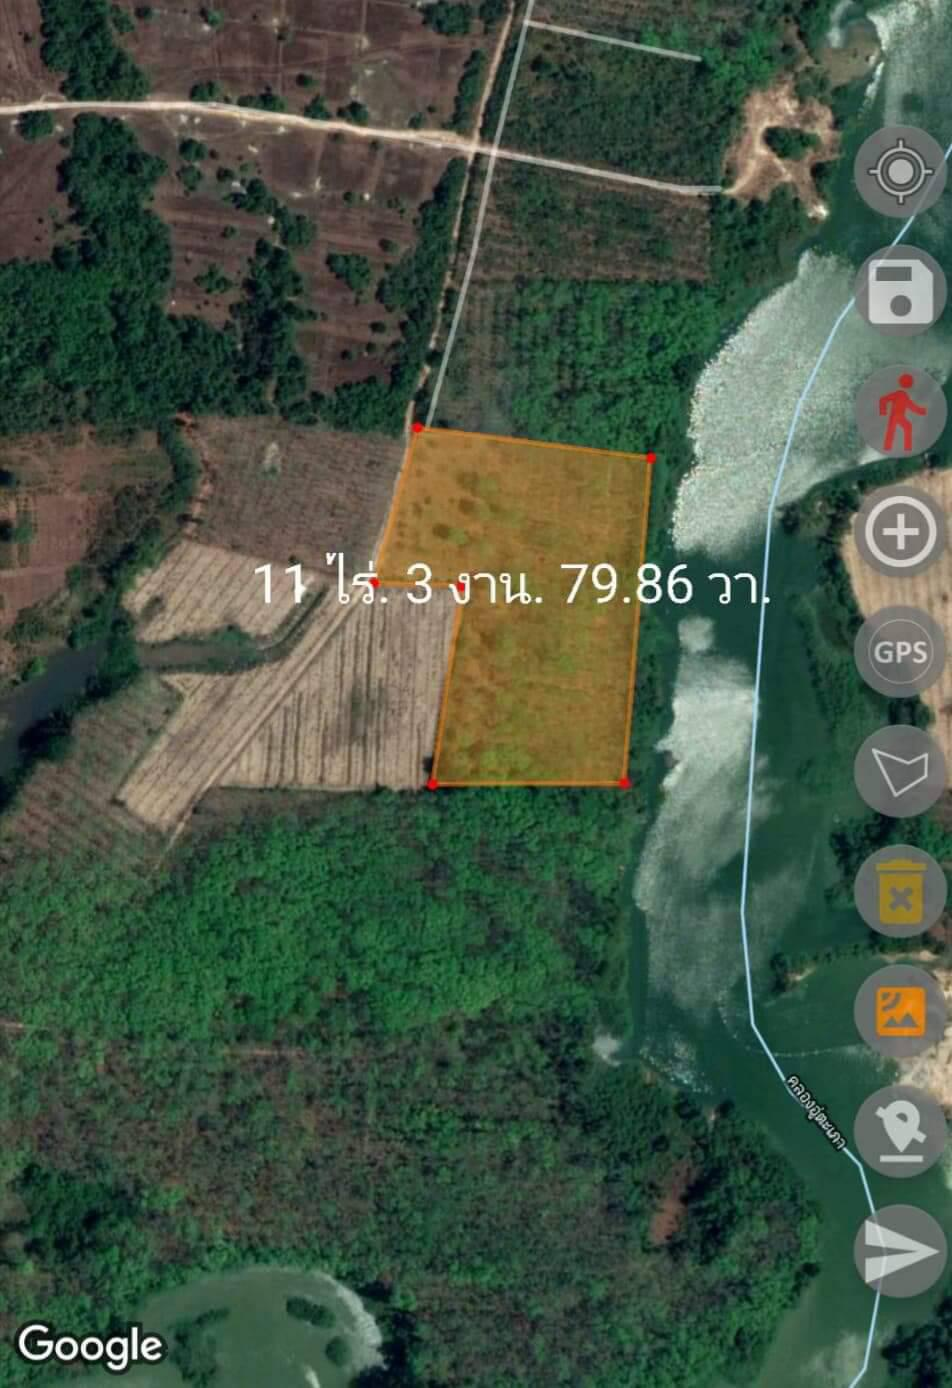 ขายที่ดินสวนยาง 11 ไร่ หลังสำนักงานกรมที่ดินหาดใหญ่ราคาถูกๆ 0822231225